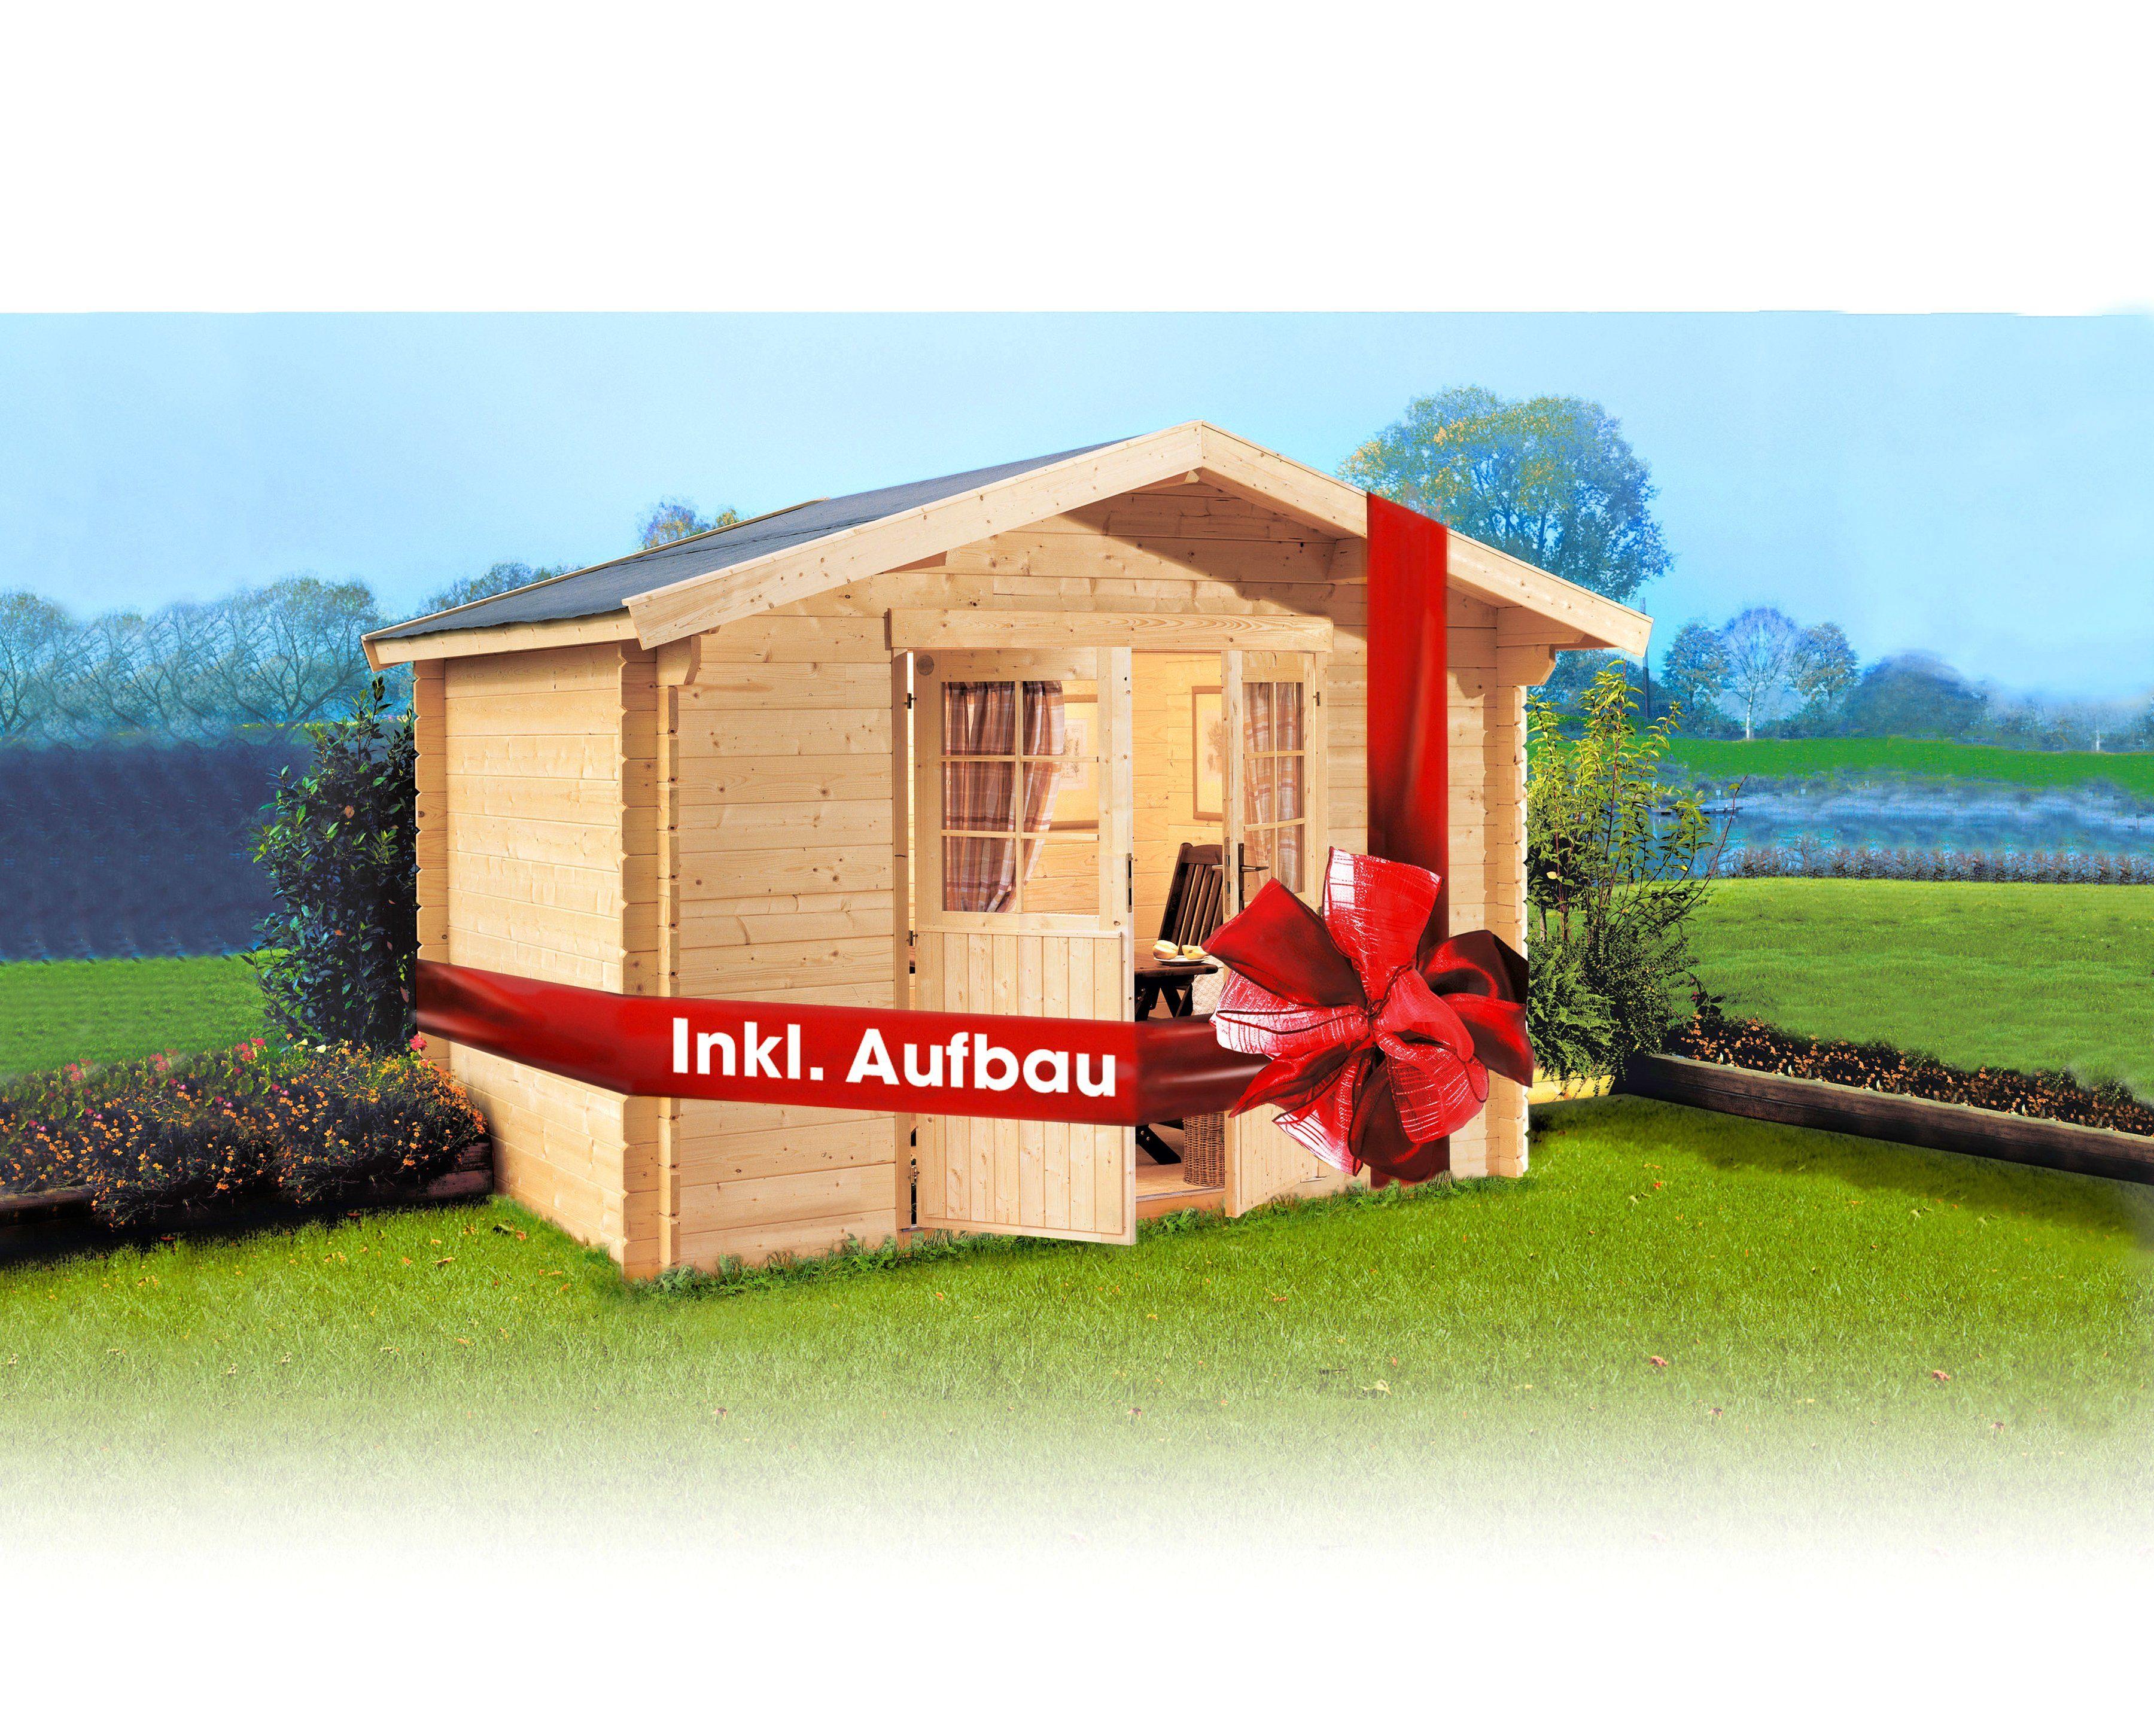 gartenhaus komplett mit aufbau bz64 hitoiro. Black Bedroom Furniture Sets. Home Design Ideas